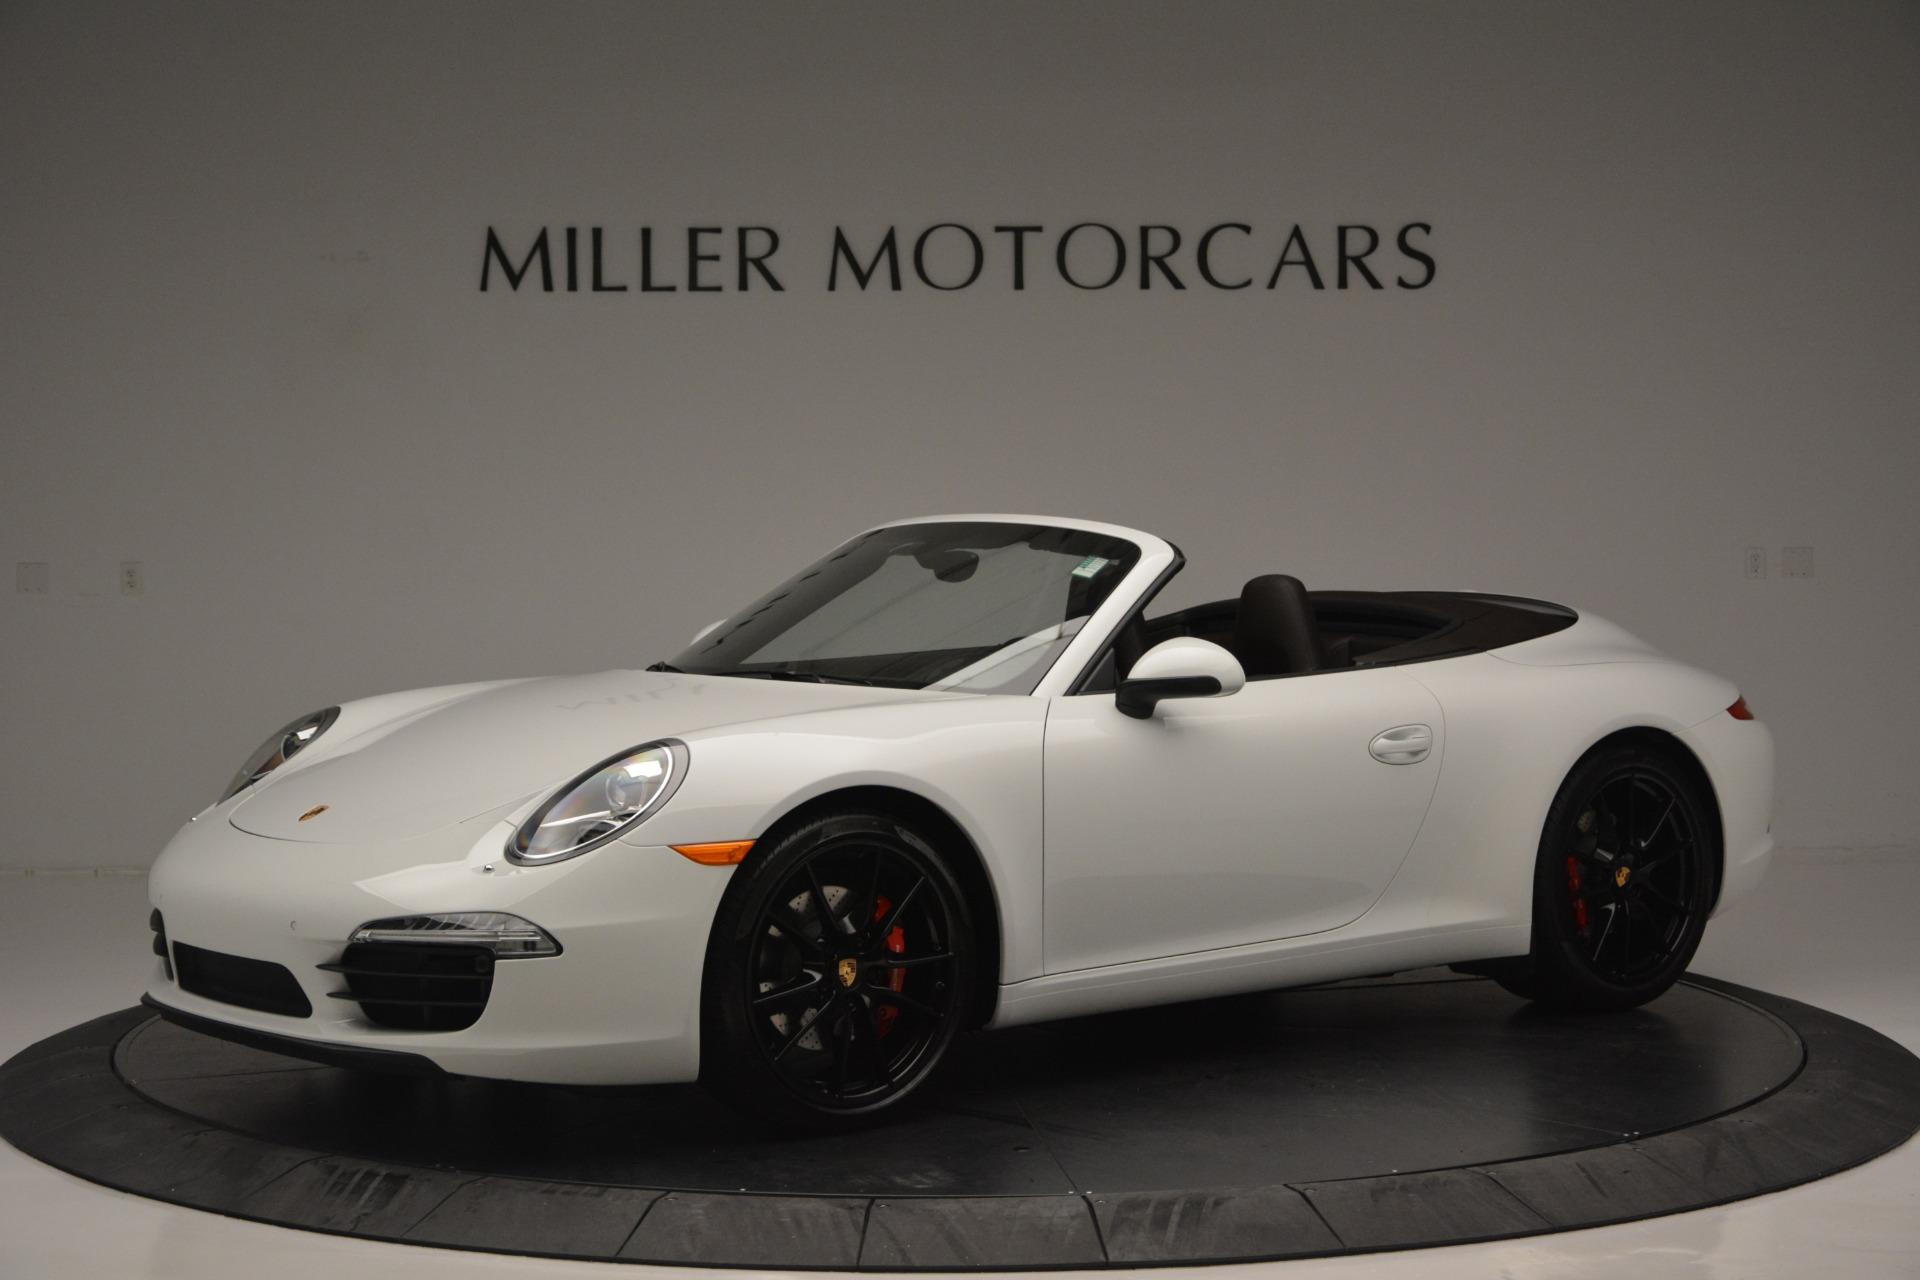 Used 2015 Porsche 911 Carrera S For Sale In Greenwich, CT 2578_p2